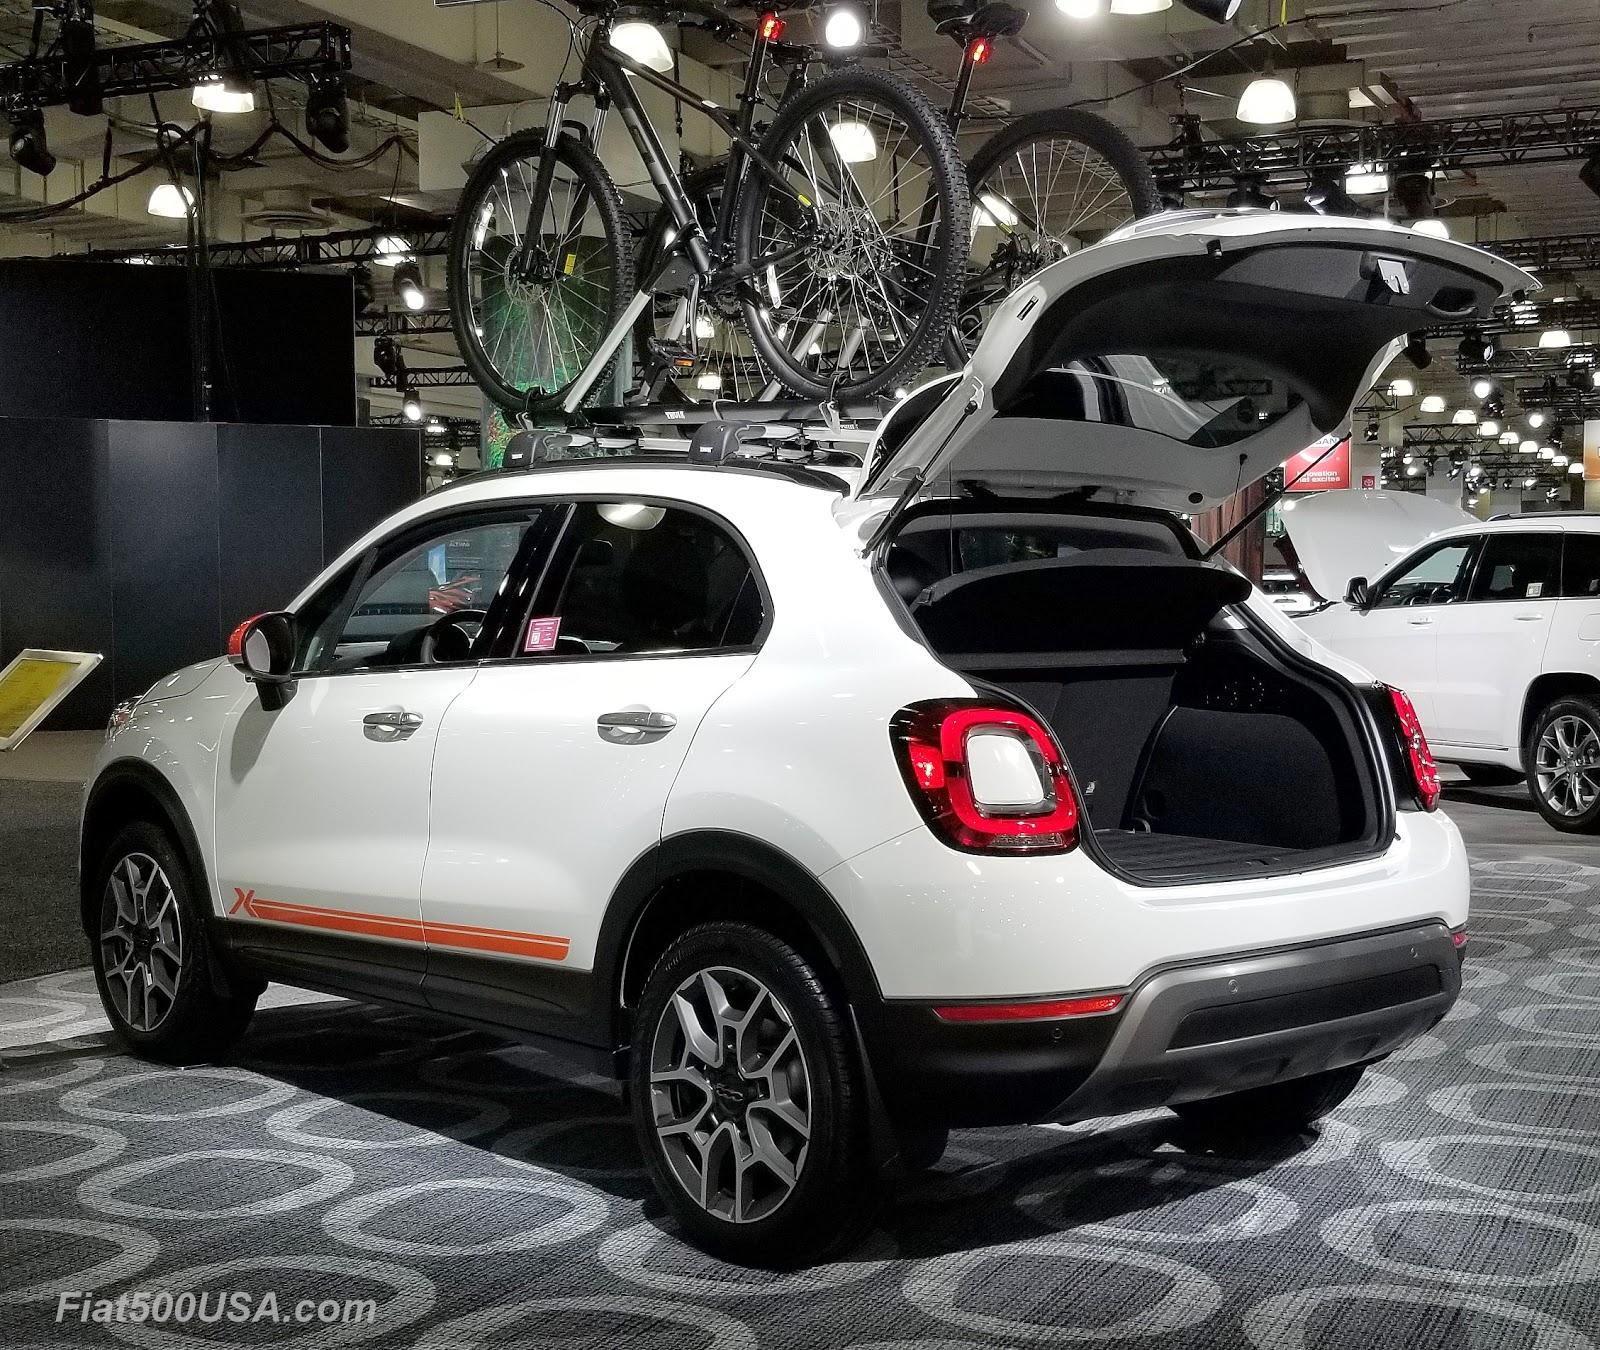 Fiat At The 2019 NY Auto Show